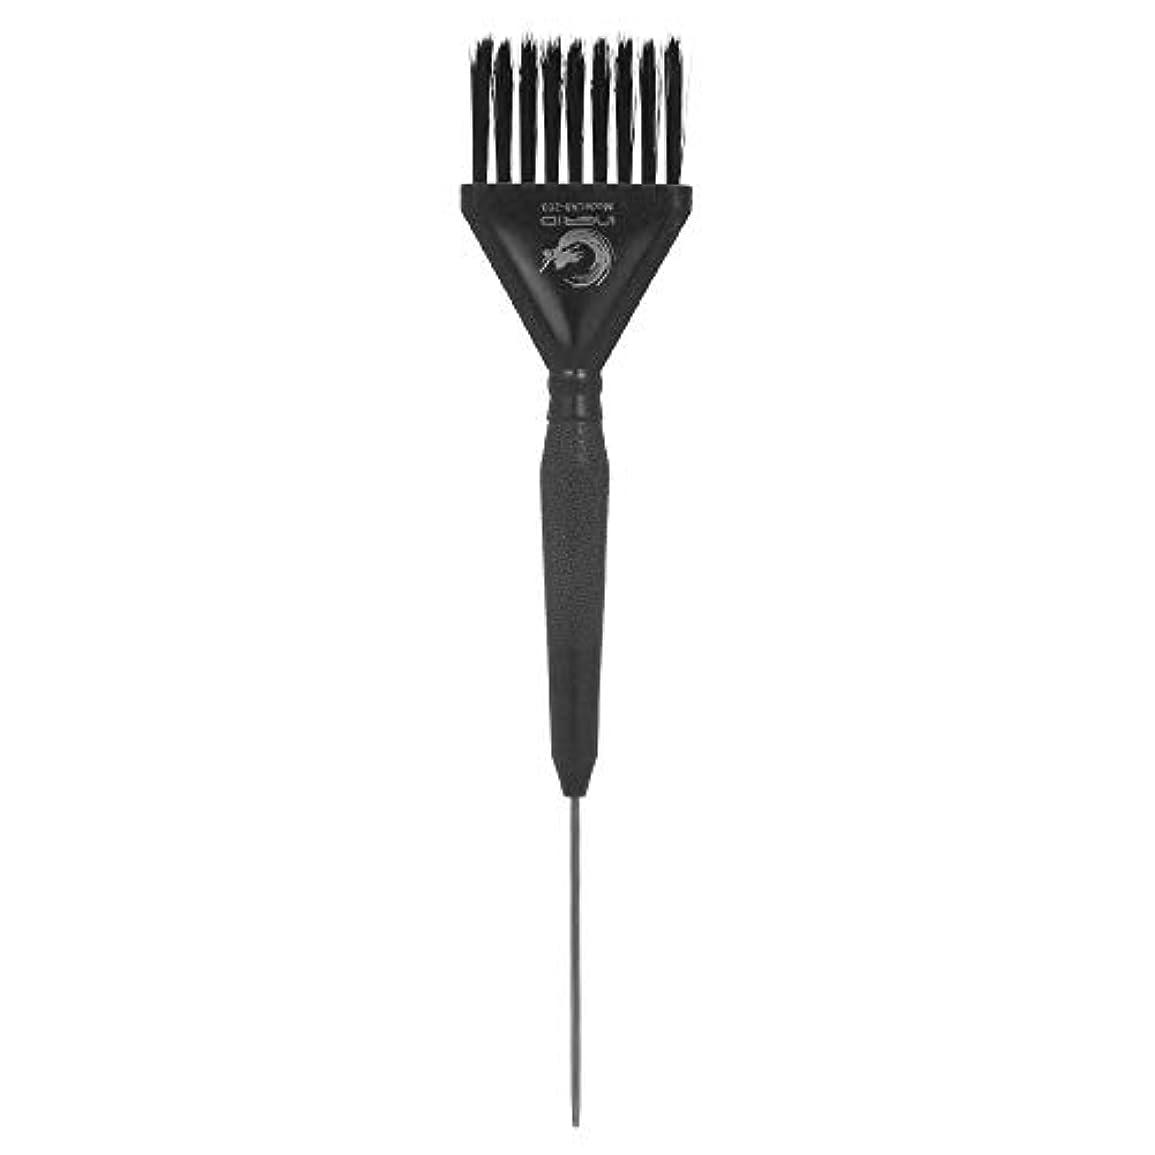 励起銃ビジョンDecdeal 染毛ブラシ ヘアダイブラシ プロ用 DIY 髪染め用 サロン 美髪師用 ヘアカラーの用具